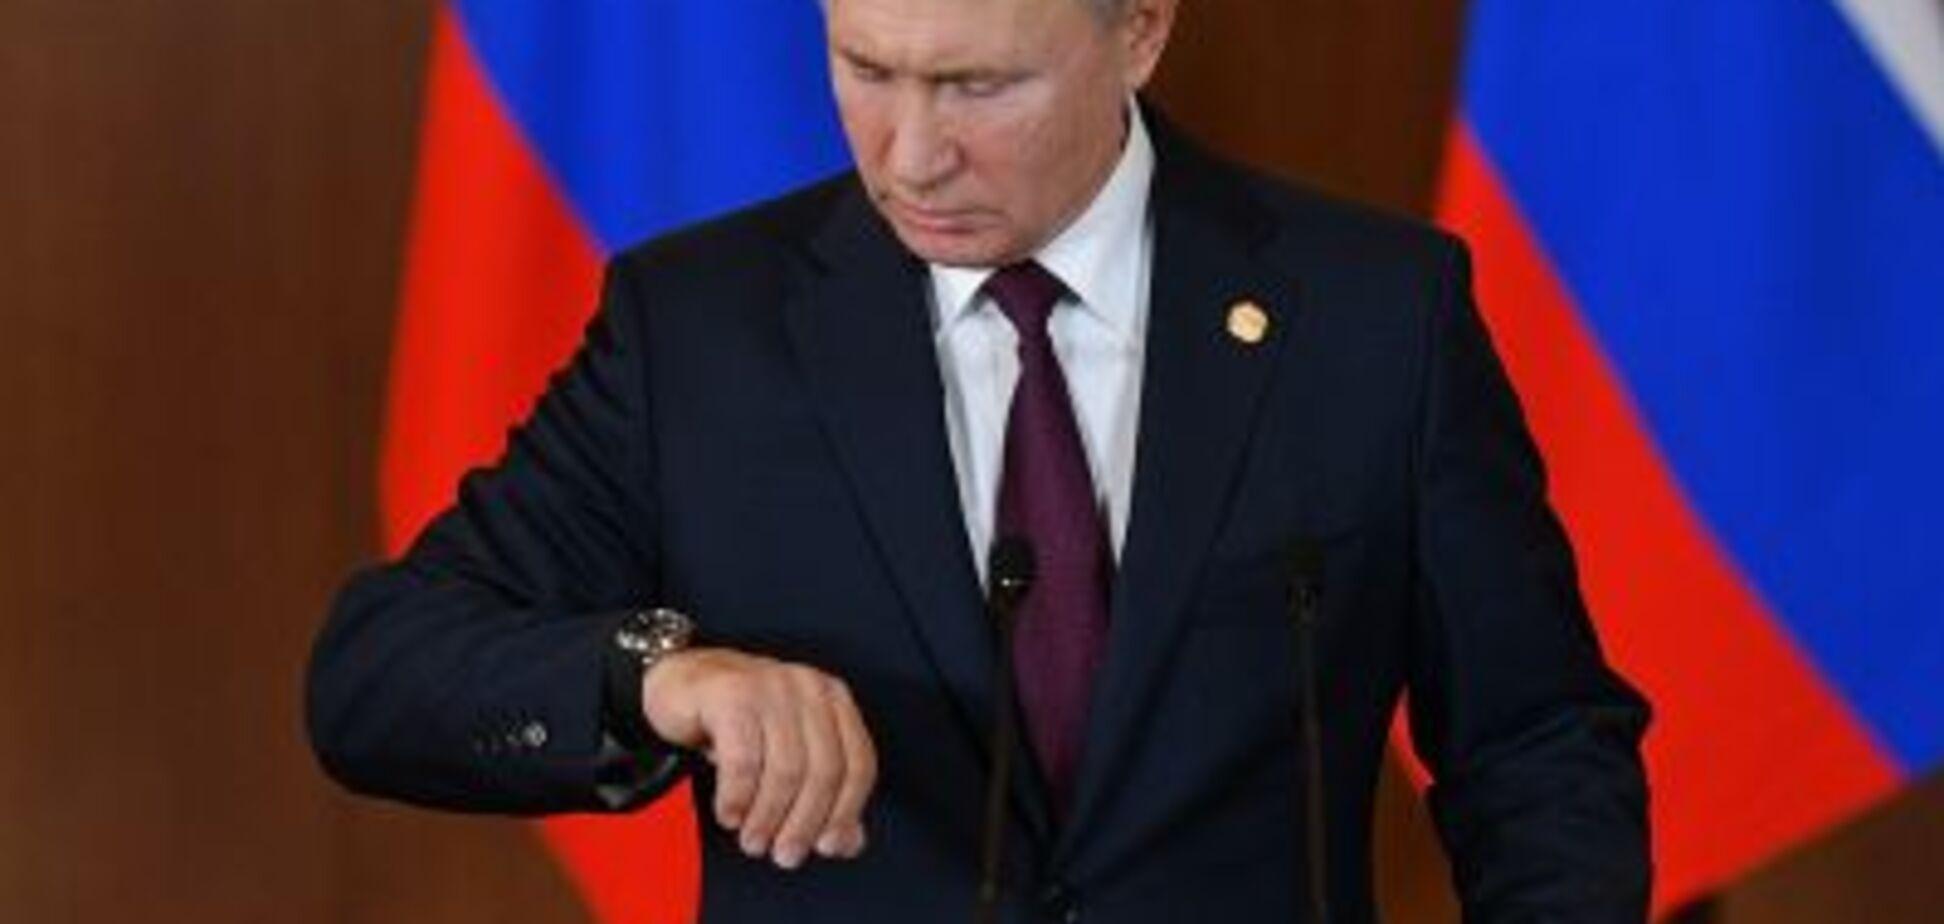 Уроки української історії від Путіна